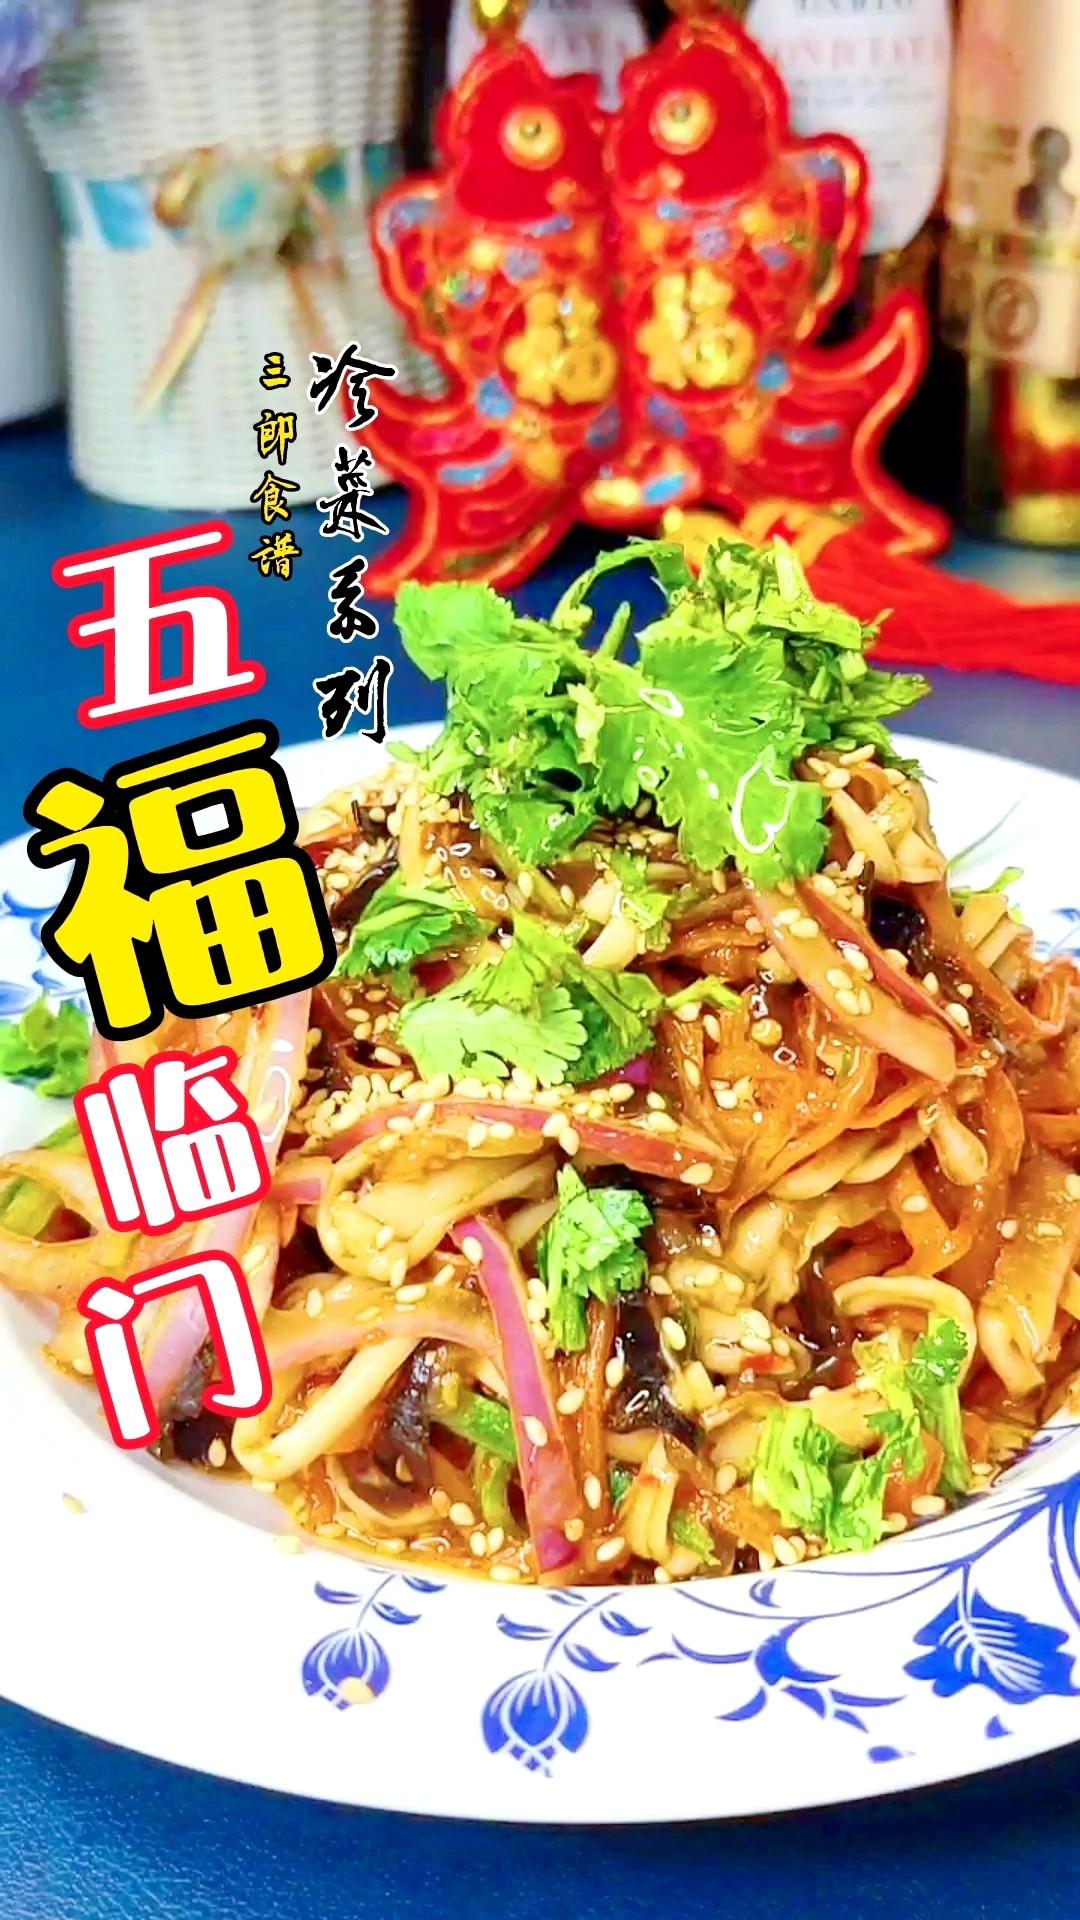 冷菜系列~五福临门迎新春